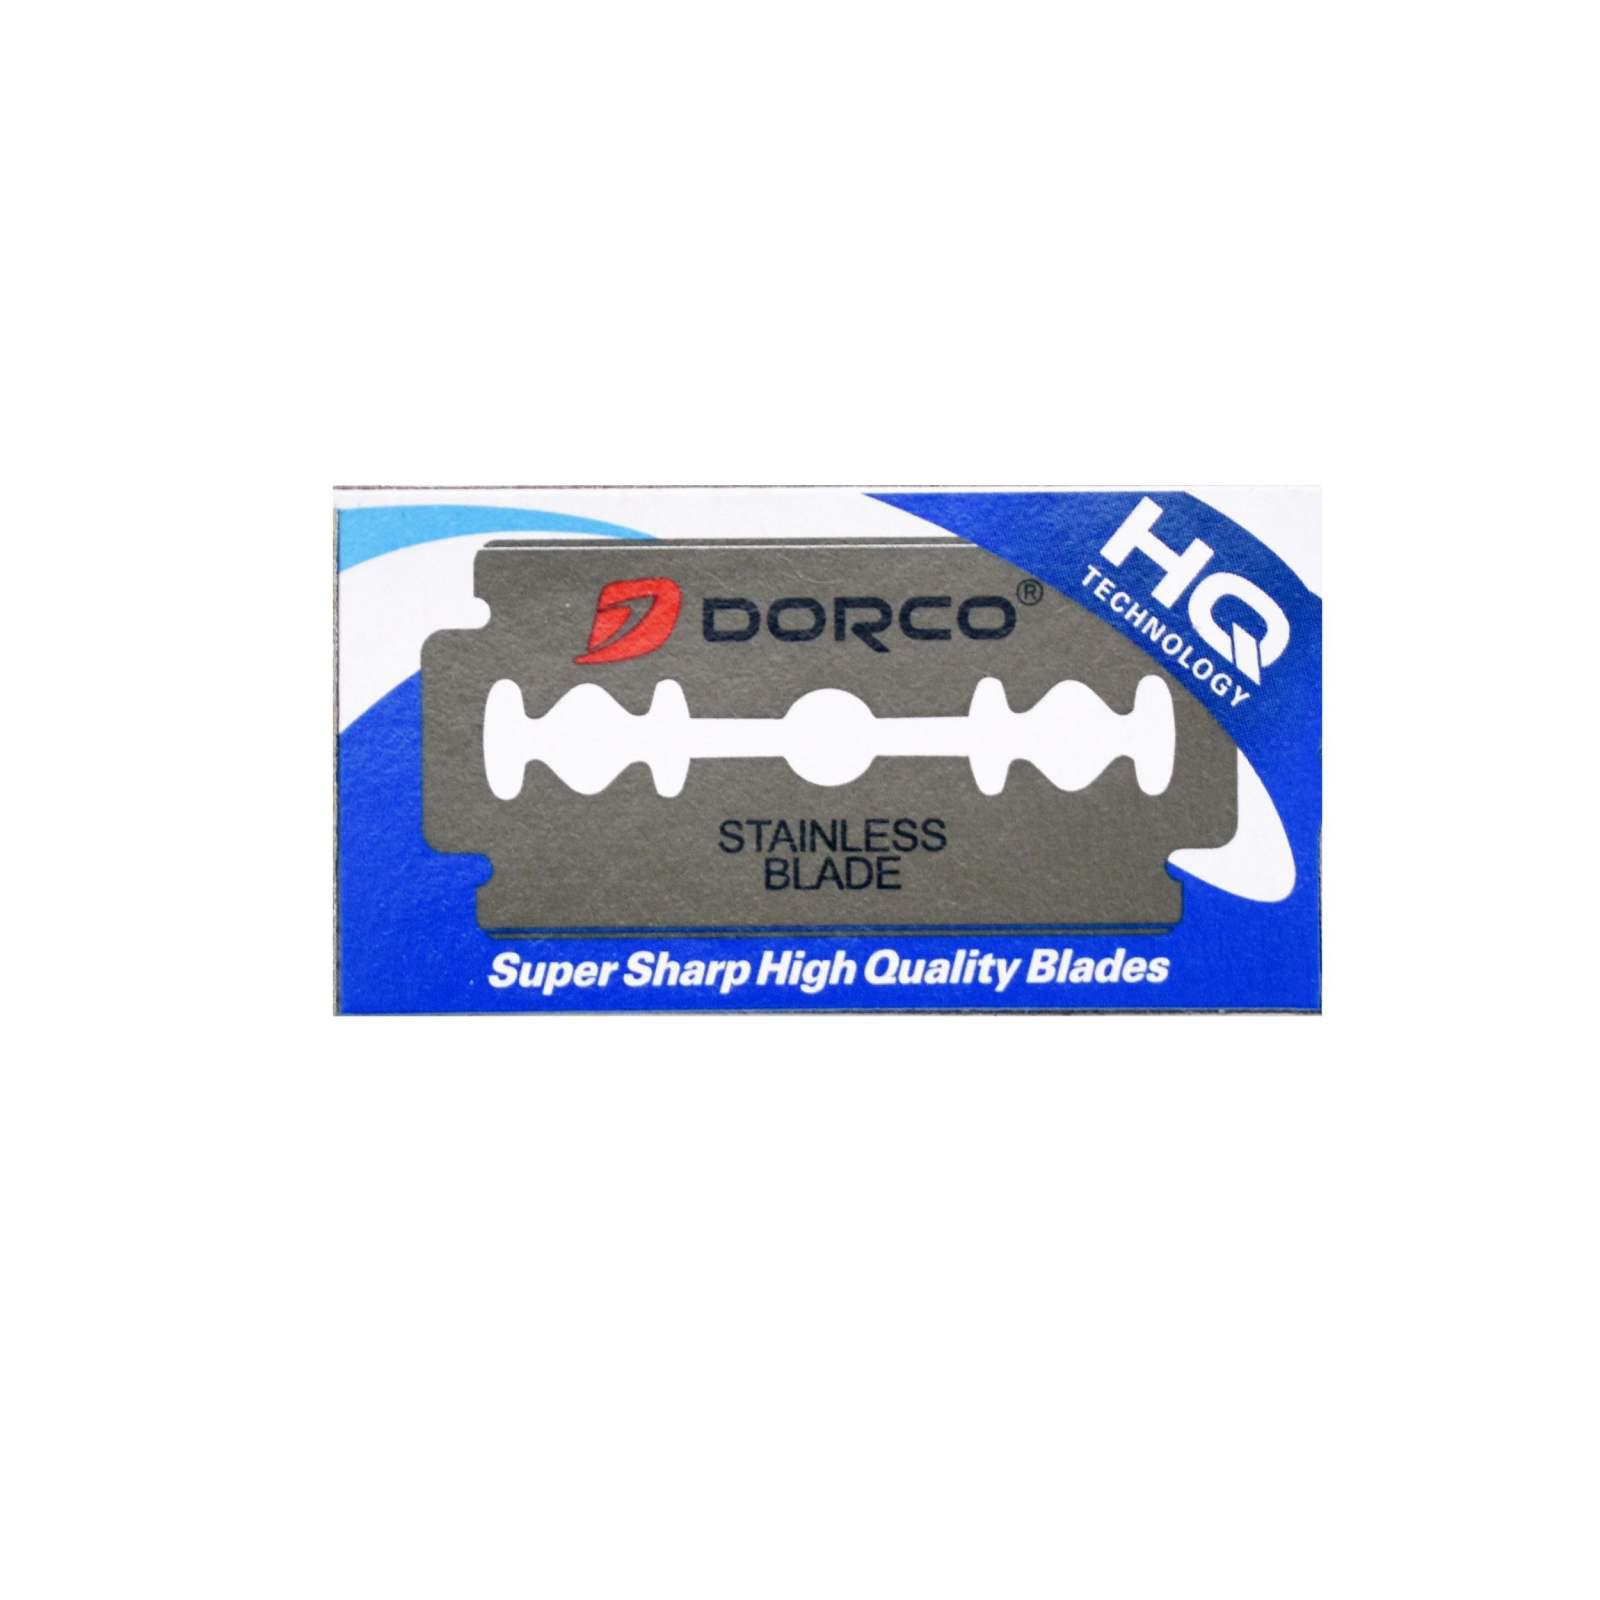 تیغ یدک دورکو مدل HQ-22 مجموعه 3 عددی -  - 3